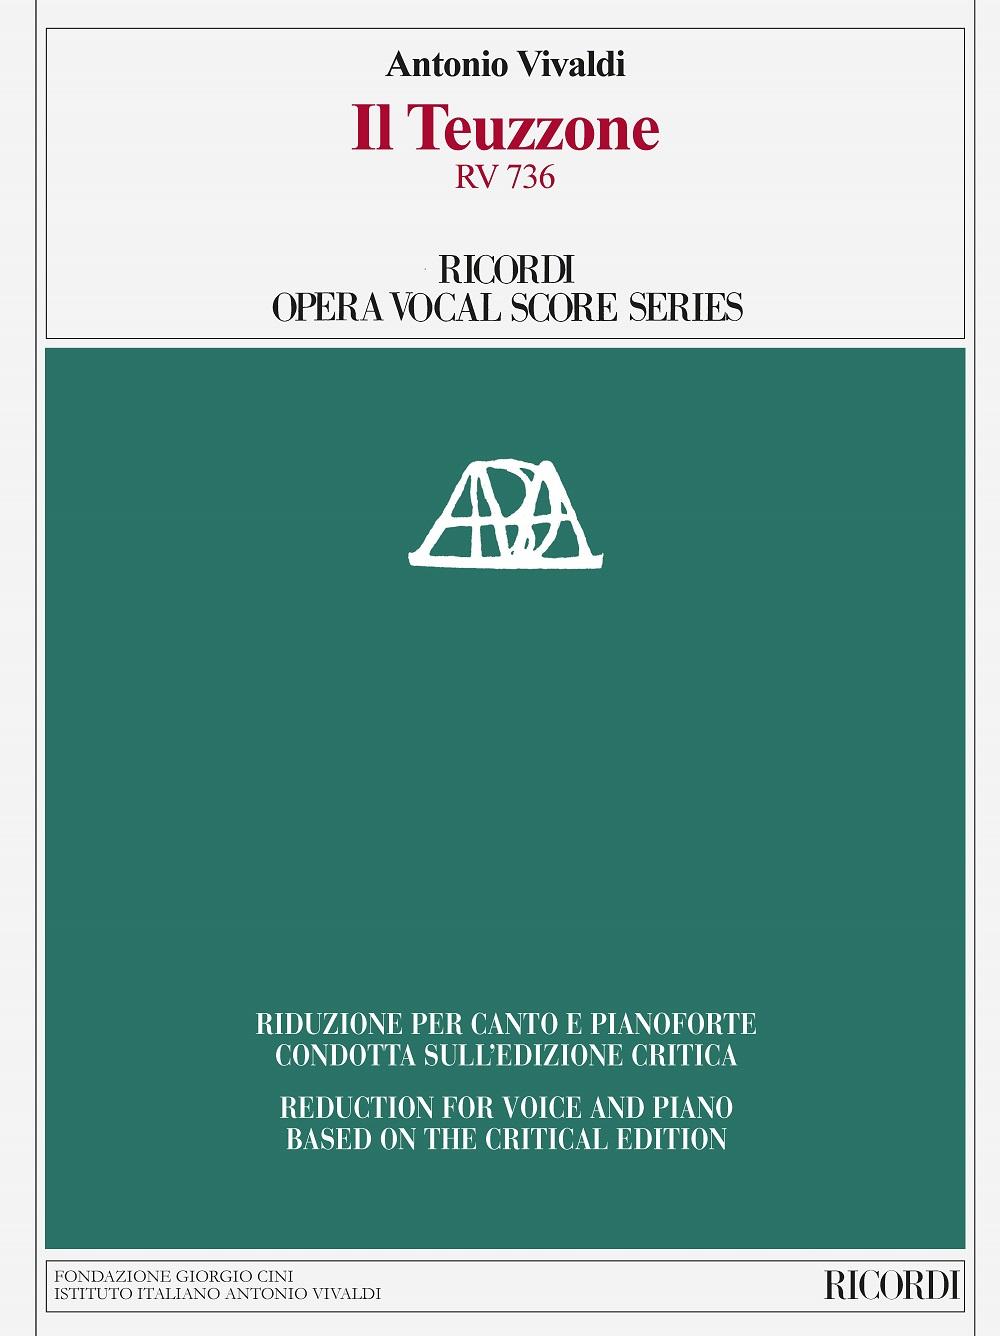 Antonio Vivaldi: Il Teuzzone RV 736: Vocal and Piano: Vocal Score